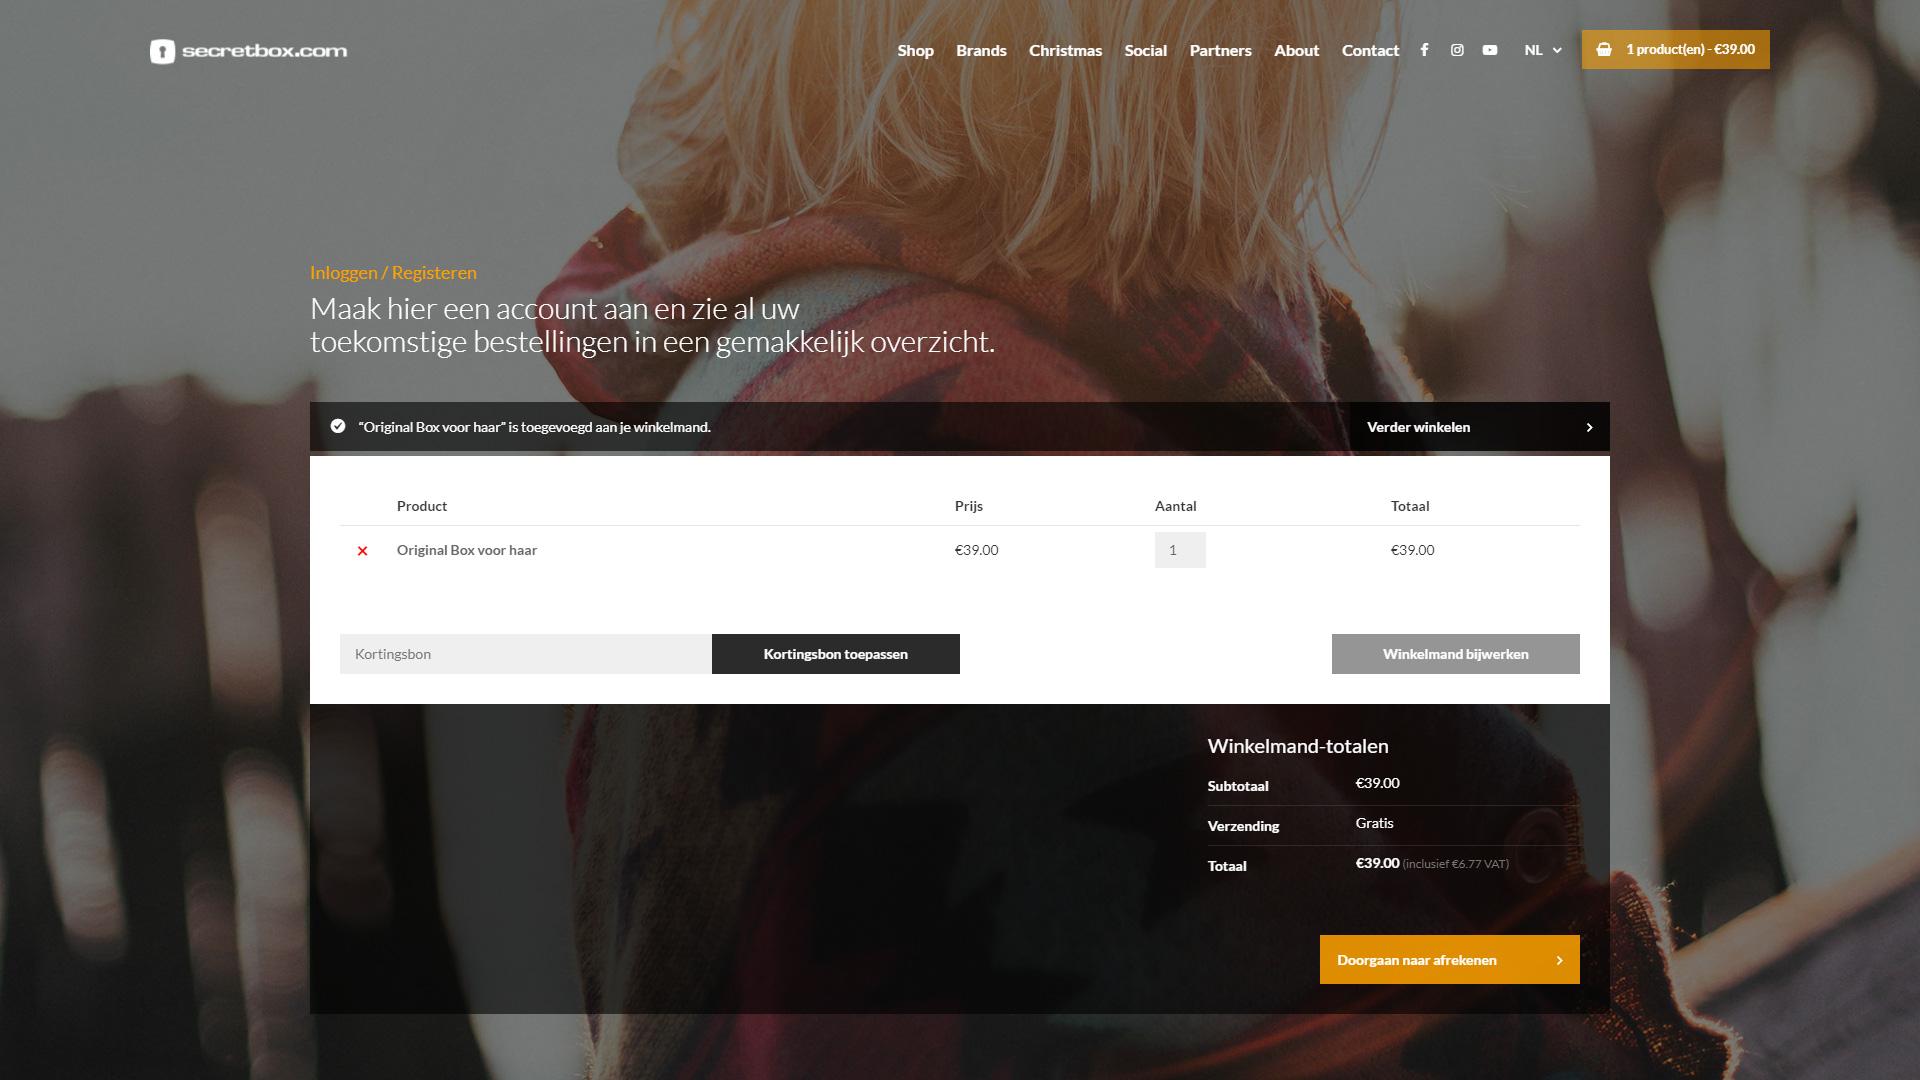 Secretbox.com - Winkelwagen